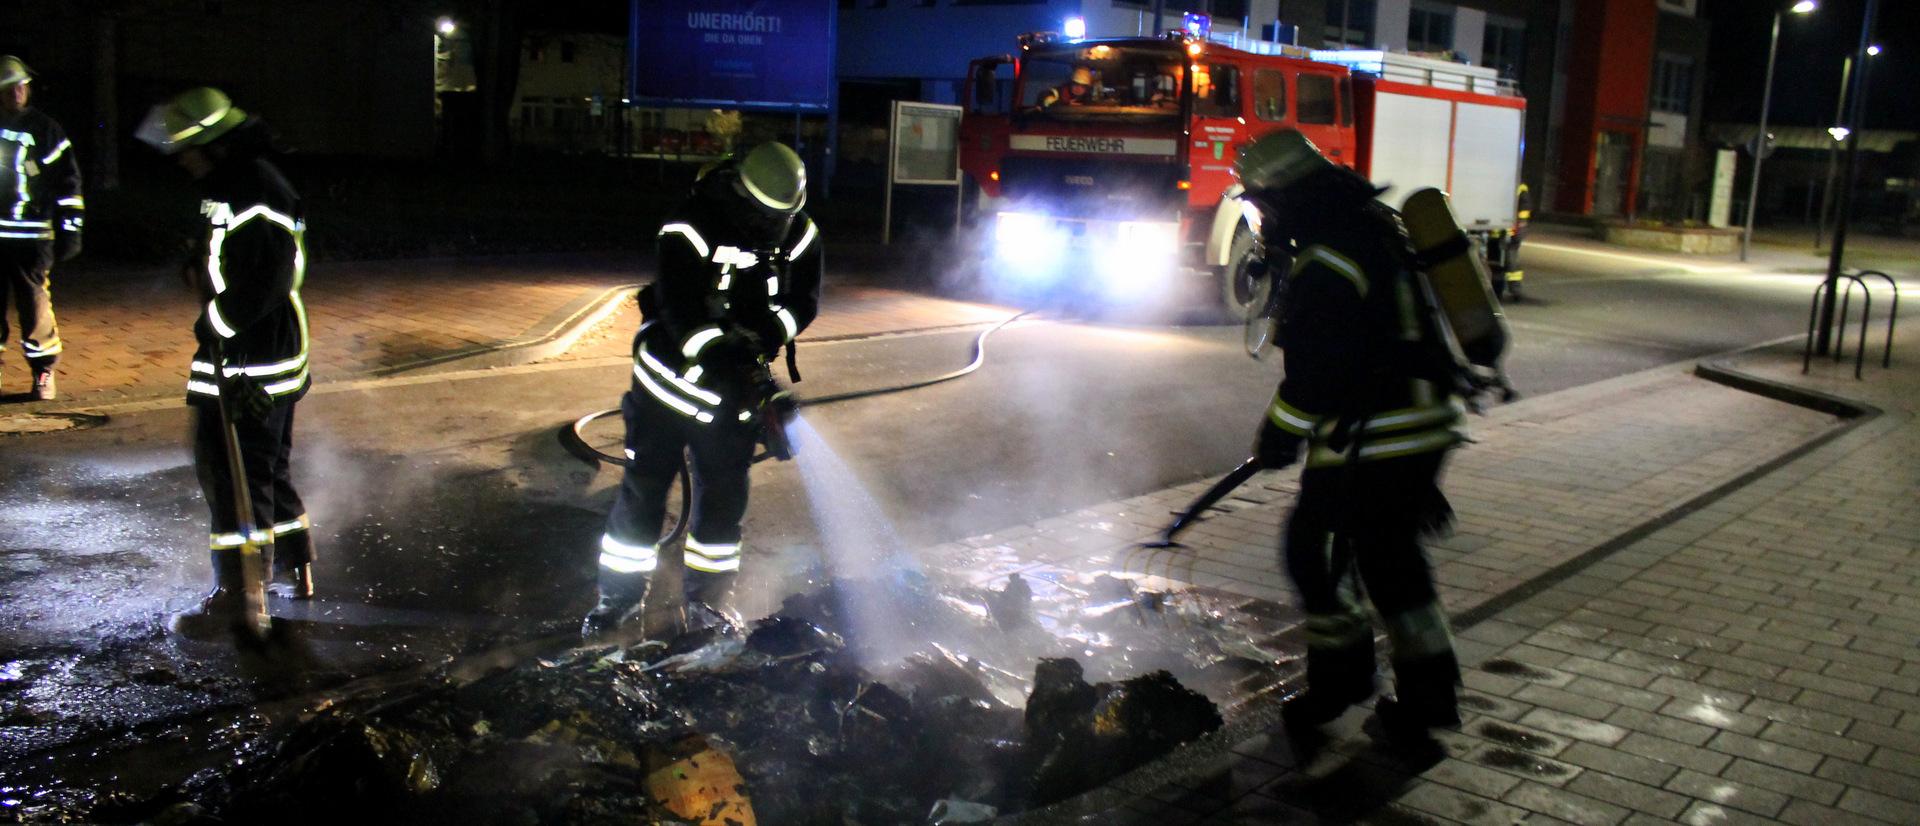 Müllcontainerbrand an der Klosterstraße